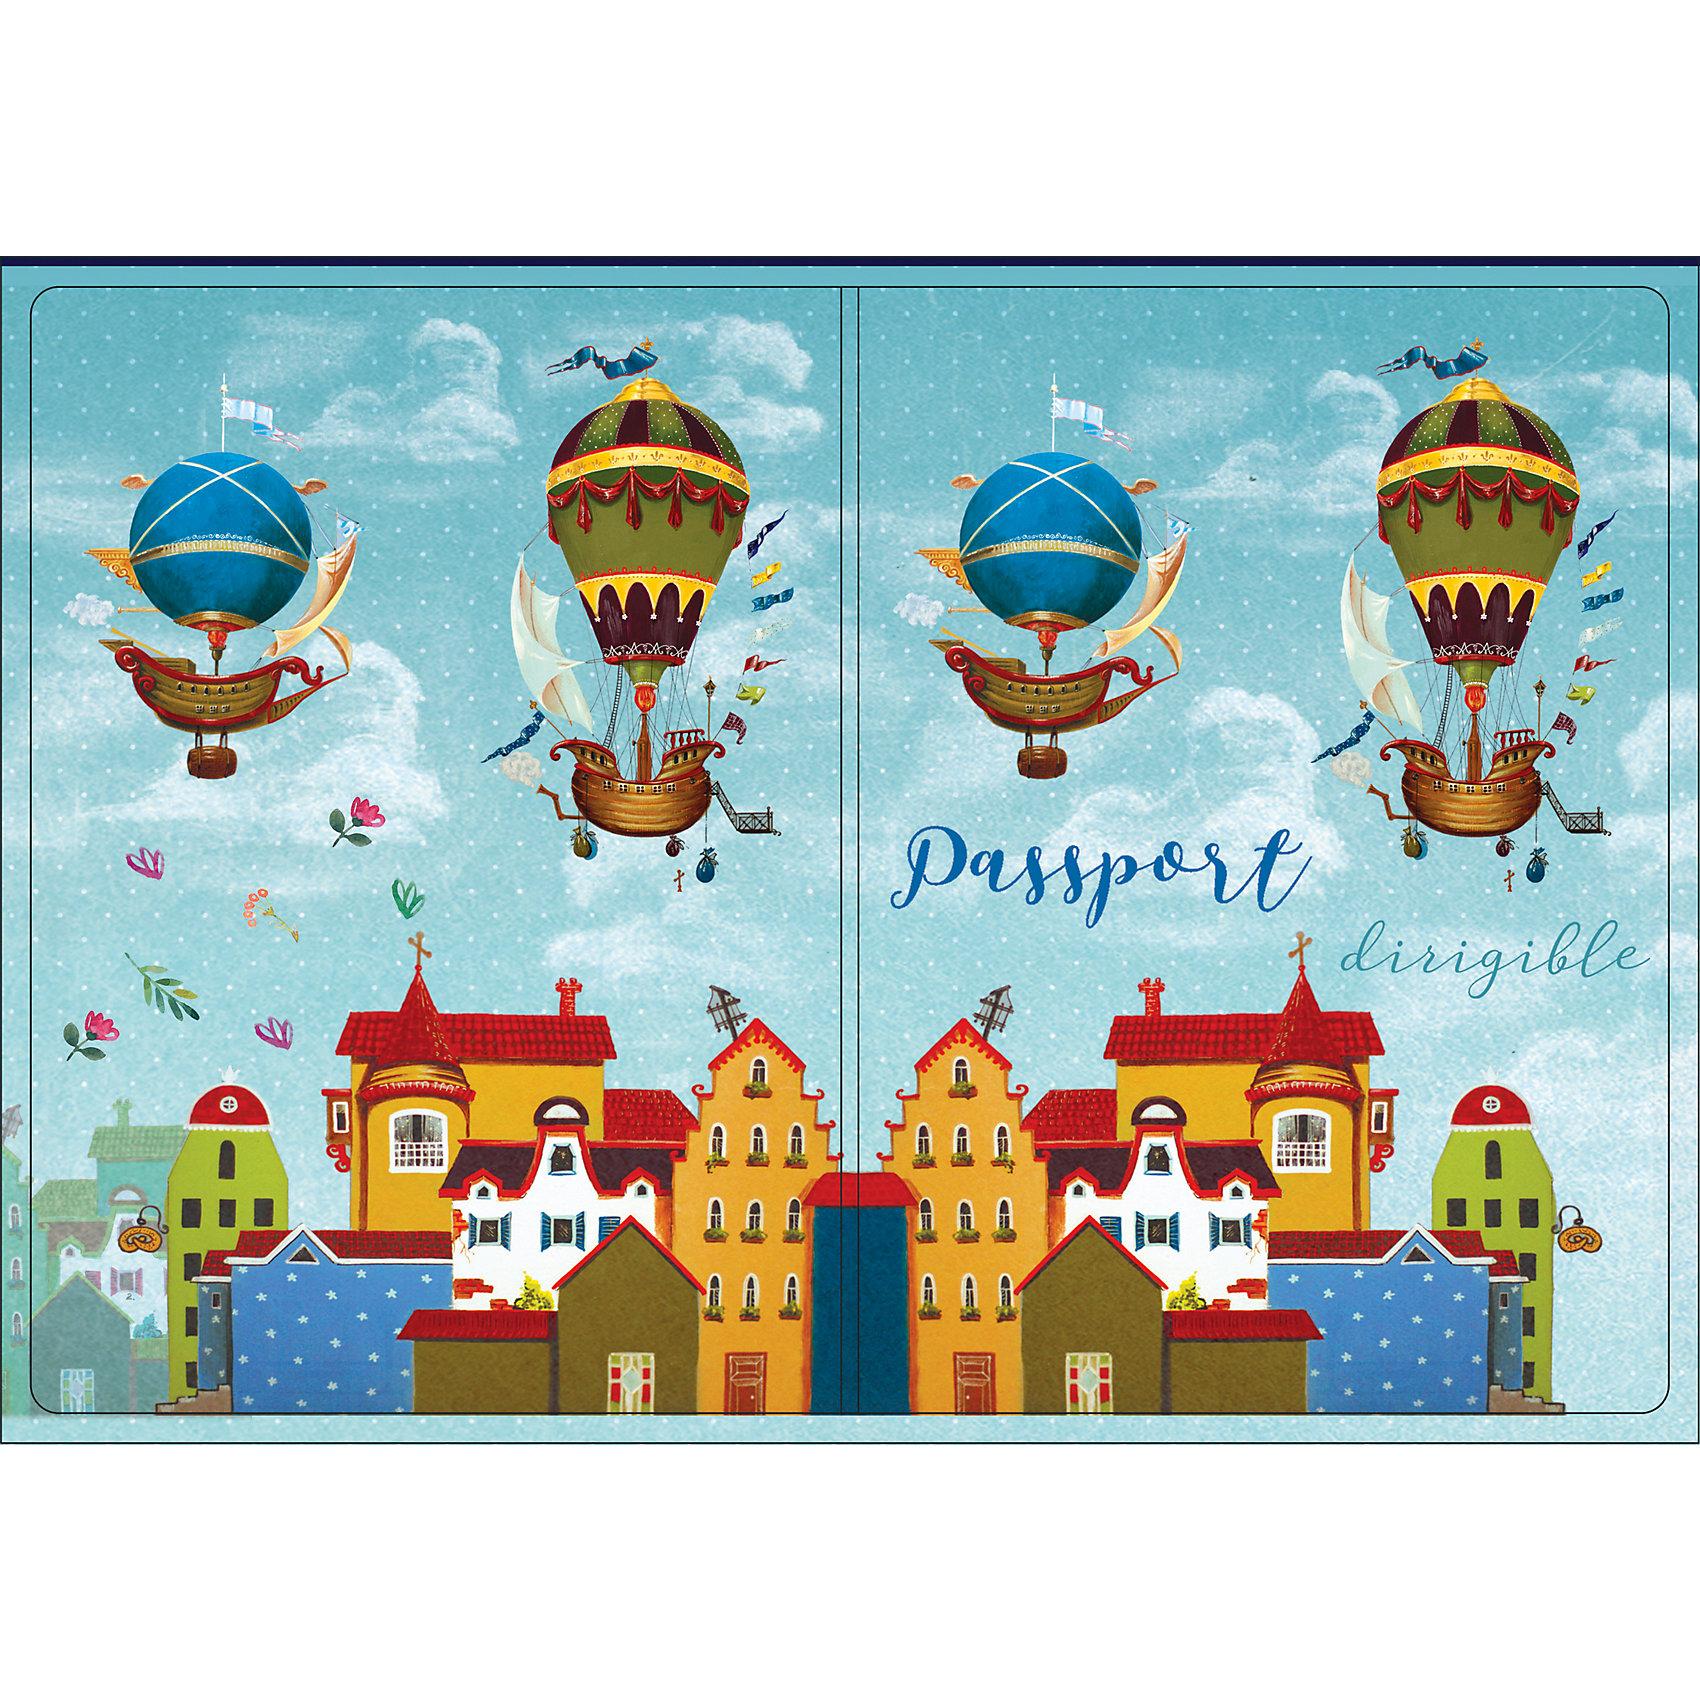 Обложка для паспорта Дирижабли в лето, Феникс-ПрезентОбложка для паспорта Дирижабли в лето, Феникс-Презент <br><br>Характеристики:<br><br>• оригинальный дизайн<br>• высокая прочность<br>• размер: 13,3х19,1 см<br>• материал: ПВХ<br><br>Обложка Дирижабли в лето изготовлена из высококачественного поливинилхлорида. Она устойчива к износу, очень прочная. На обложке изображены дирижабли, парящие над городом. Красивая, оригинальная обложка всегда будет радовать глаз!<br><br>Обложку для паспорта Дирижабли в лето, Феникс-Презент вы можете купить в нашем интернет-магазине.<br><br>Ширина мм: 133<br>Глубина мм: 191<br>Высота мм: 50<br>Вес г: 35<br>Возраст от месяцев: 168<br>Возраст до месяцев: 2147483647<br>Пол: Унисекс<br>Возраст: Детский<br>SKU: 5449582